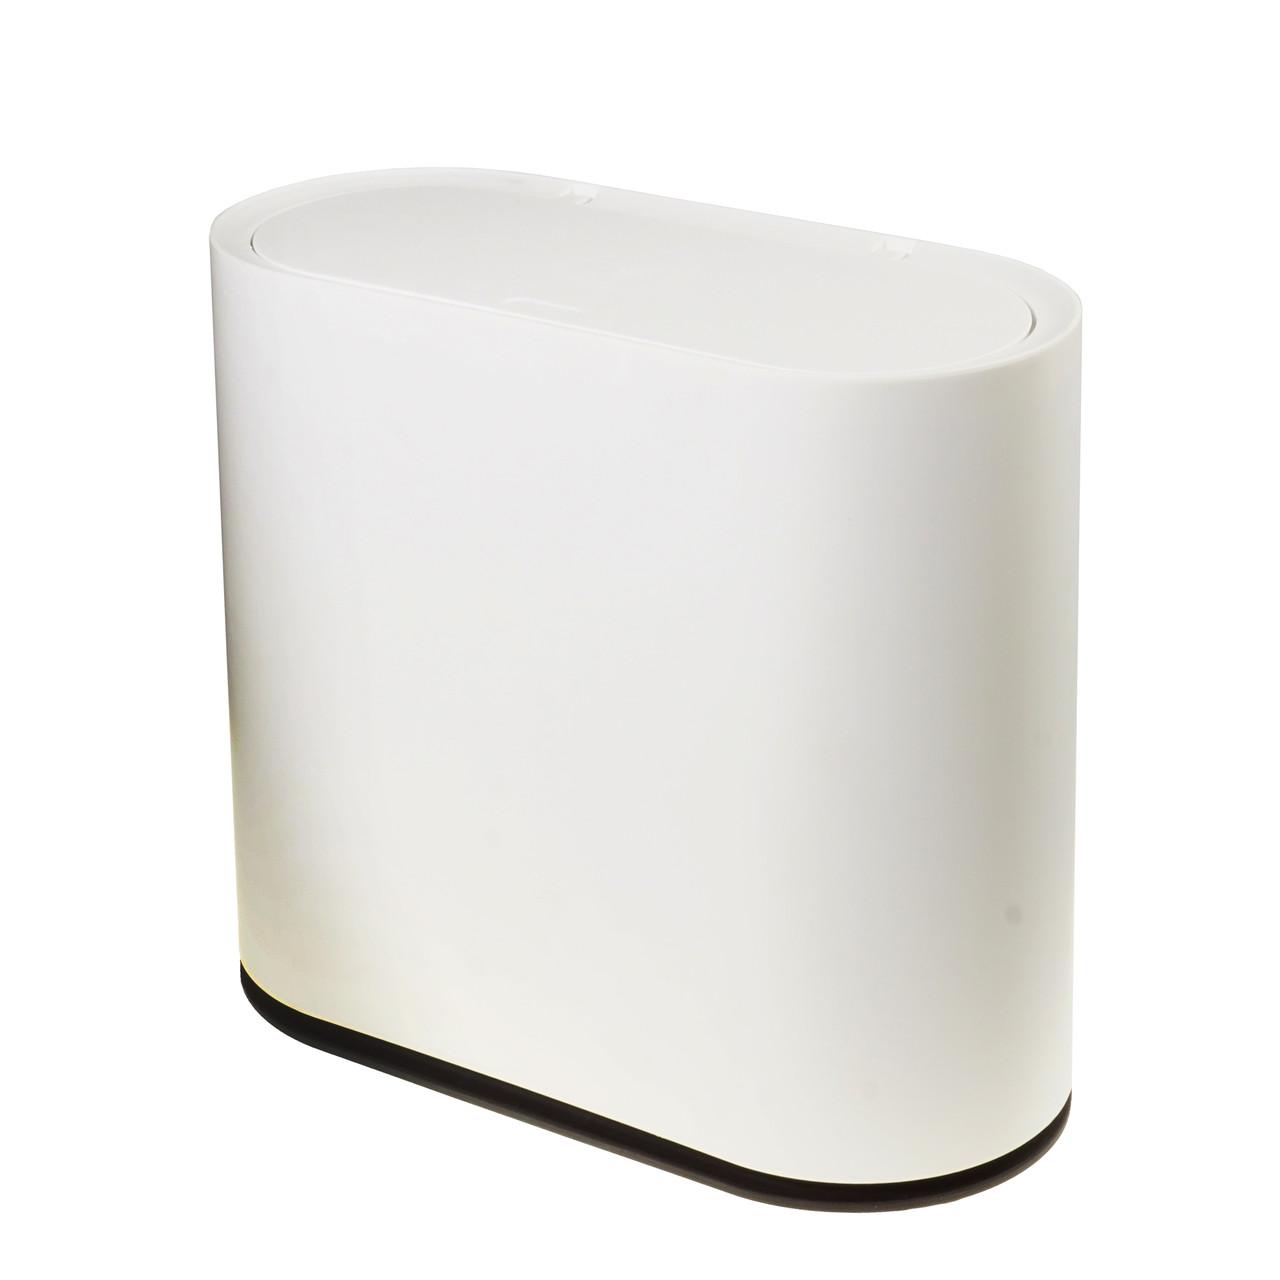 Мусорный бак для кухни и ванной комнаты